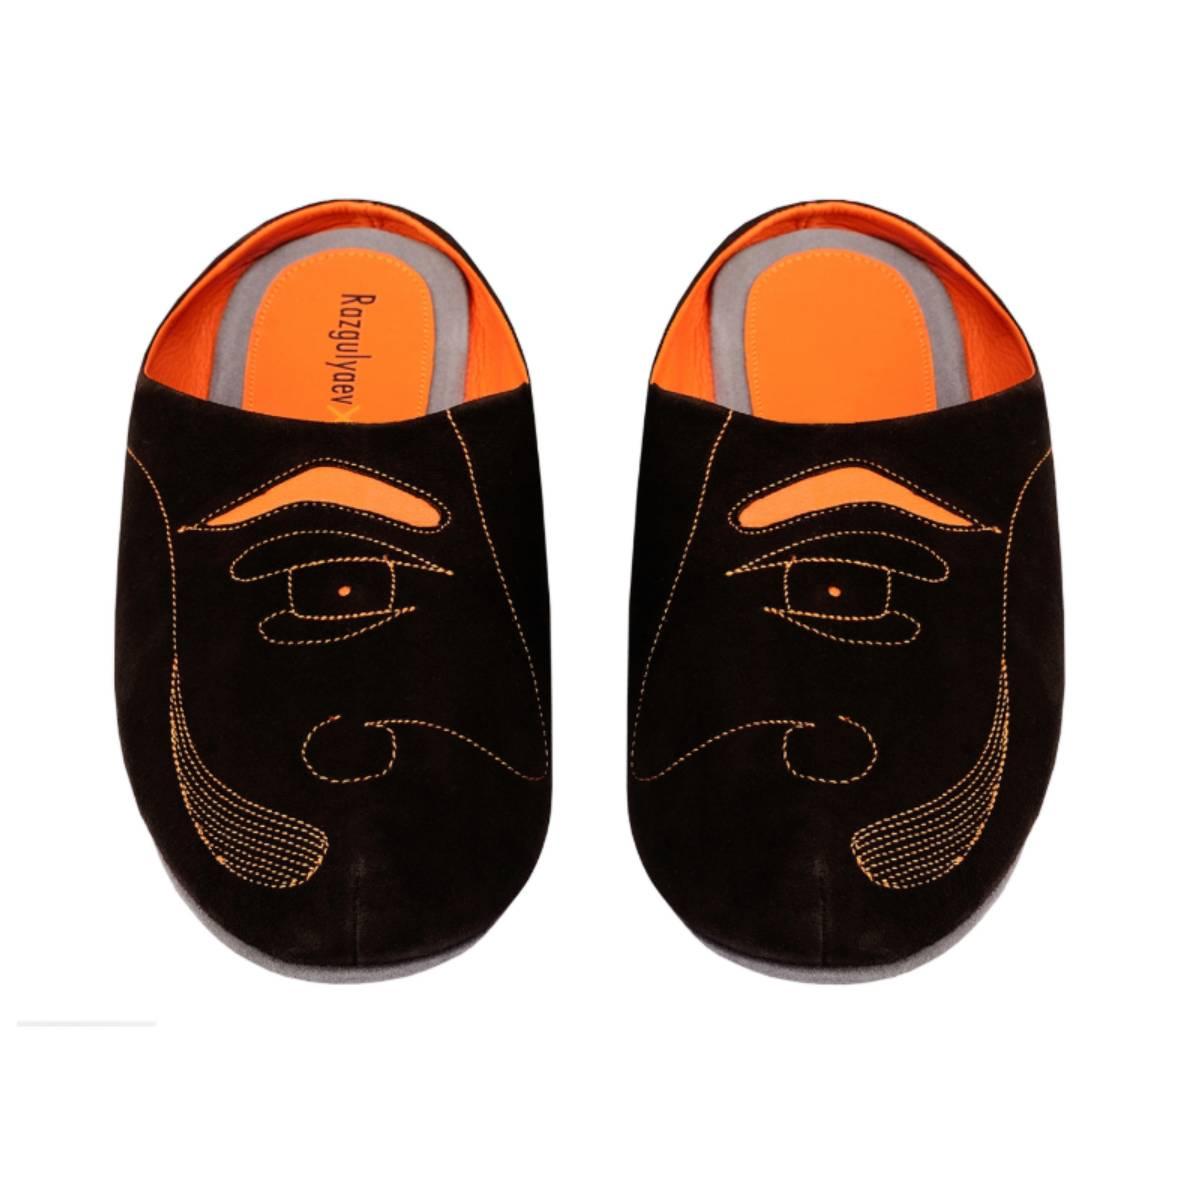 Razgulyaev Blagonravova RxB men's Profile S. Dali home Slippers